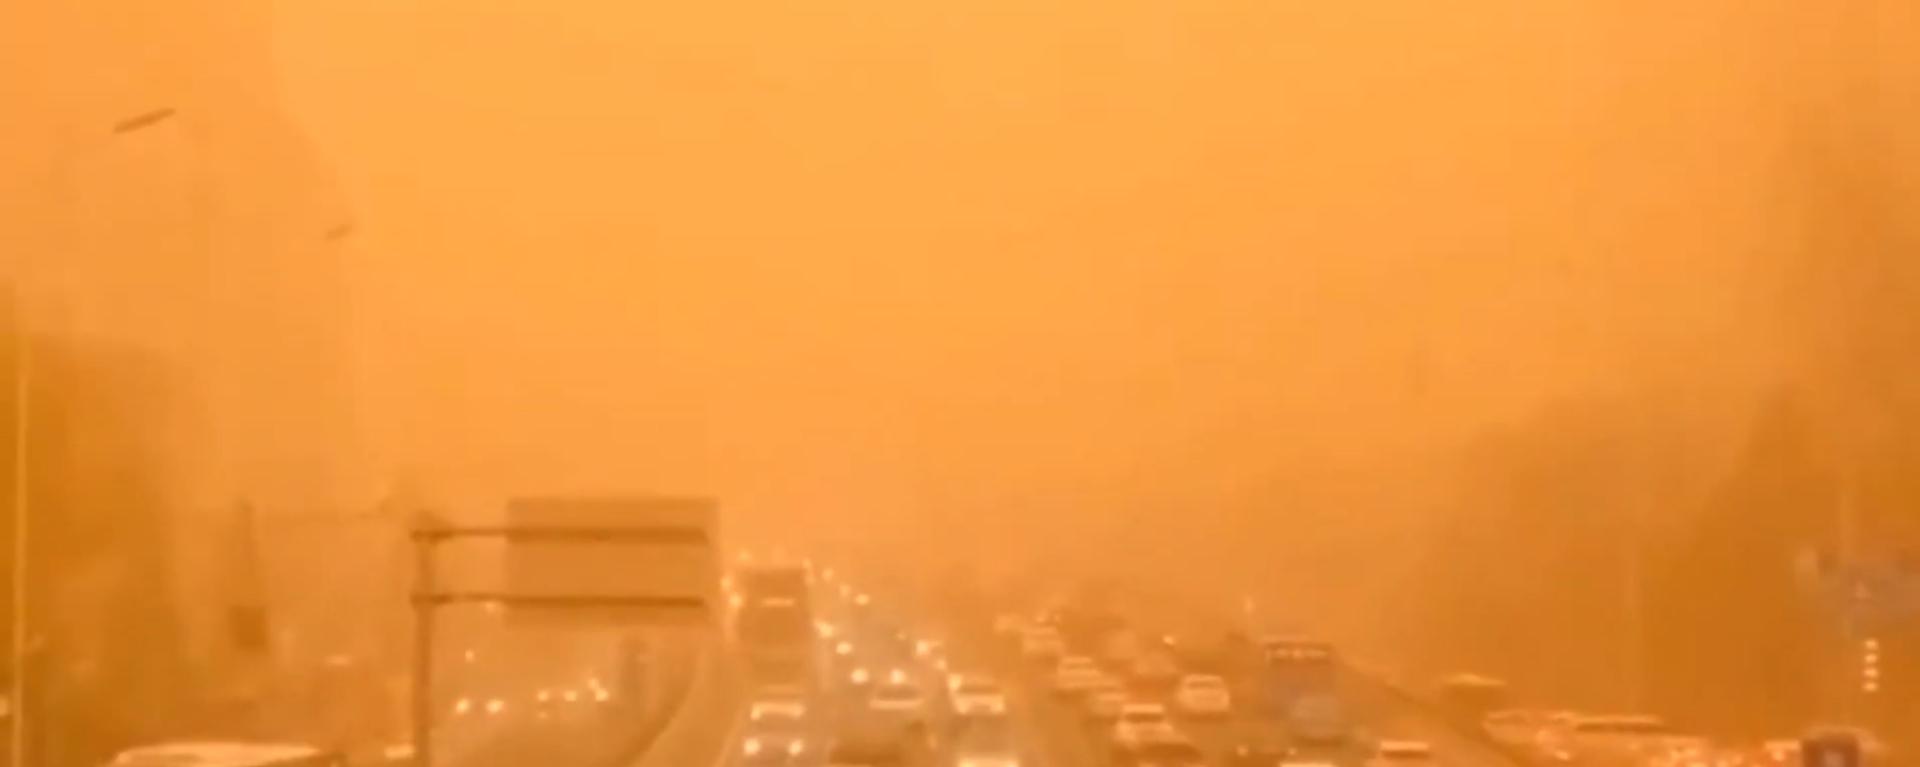 Stärkster Sandsturm seit einem Jahrzehnt: Staub aus Wüste Gobi sorgt in China für Chaos - SNA, 1920, 15.03.2021